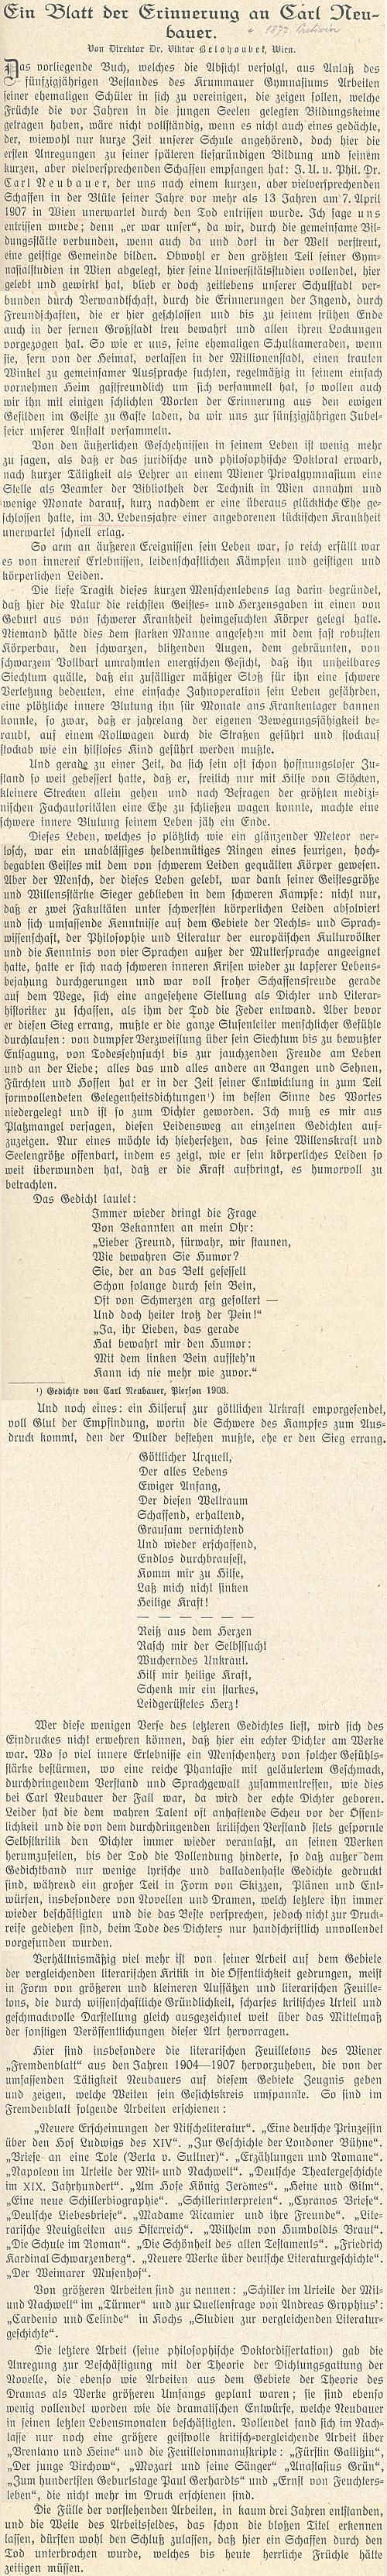 """Celý text """"ředitele Dr. Viktora Belohoubka z Vídně"""" o něm v jubilejním sborníku českokrumlovského gymnázia"""